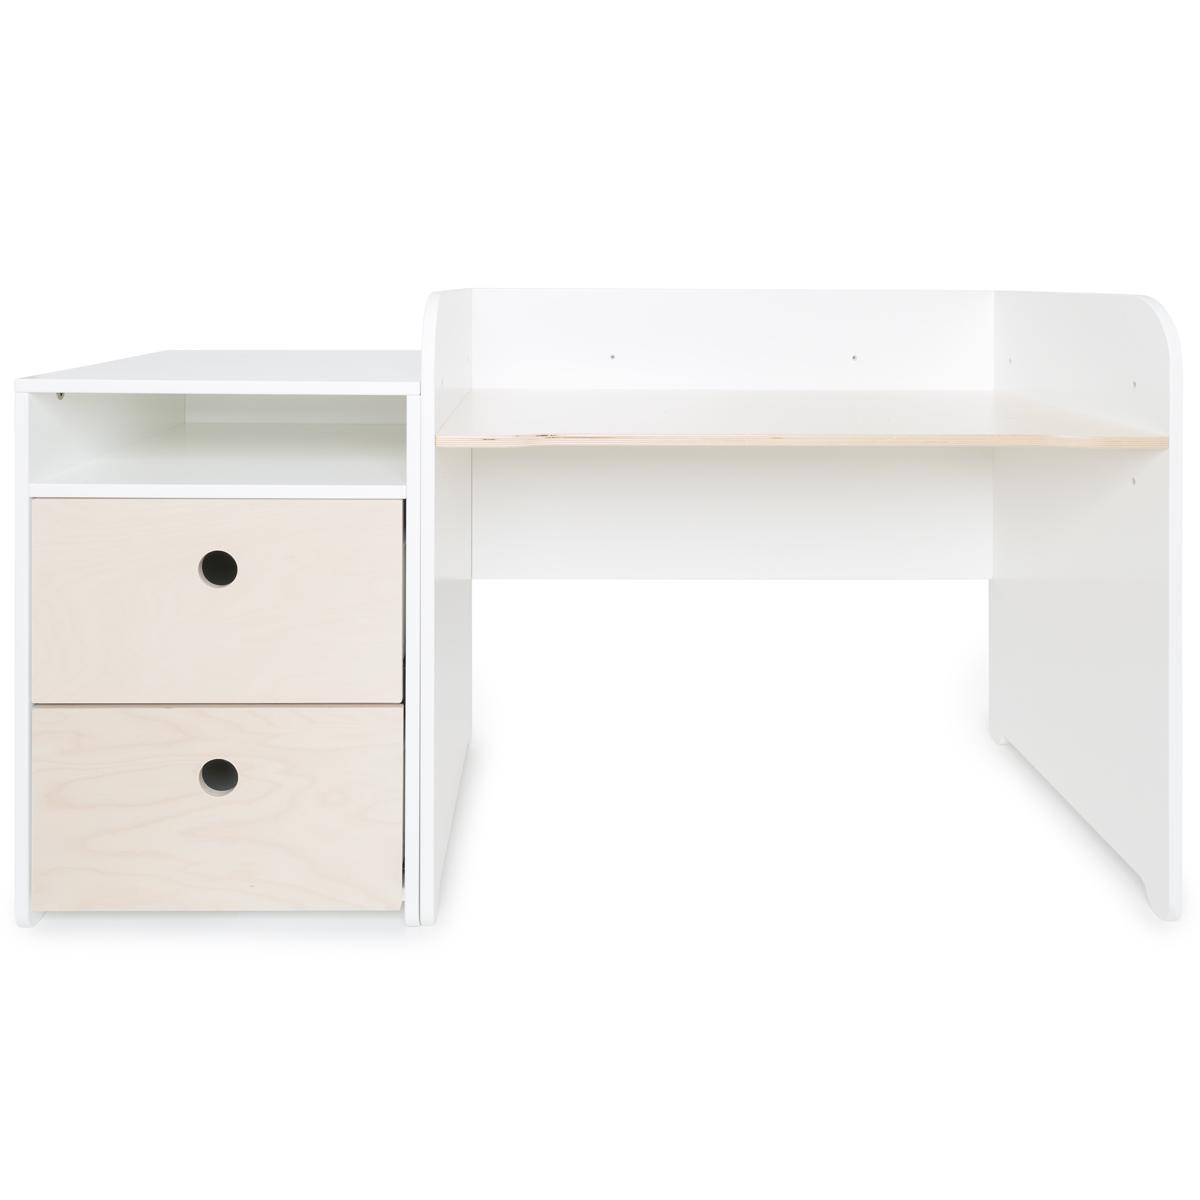 Bureau évolutif-petit meuble 2 tiroirs COLORFLEX white wash